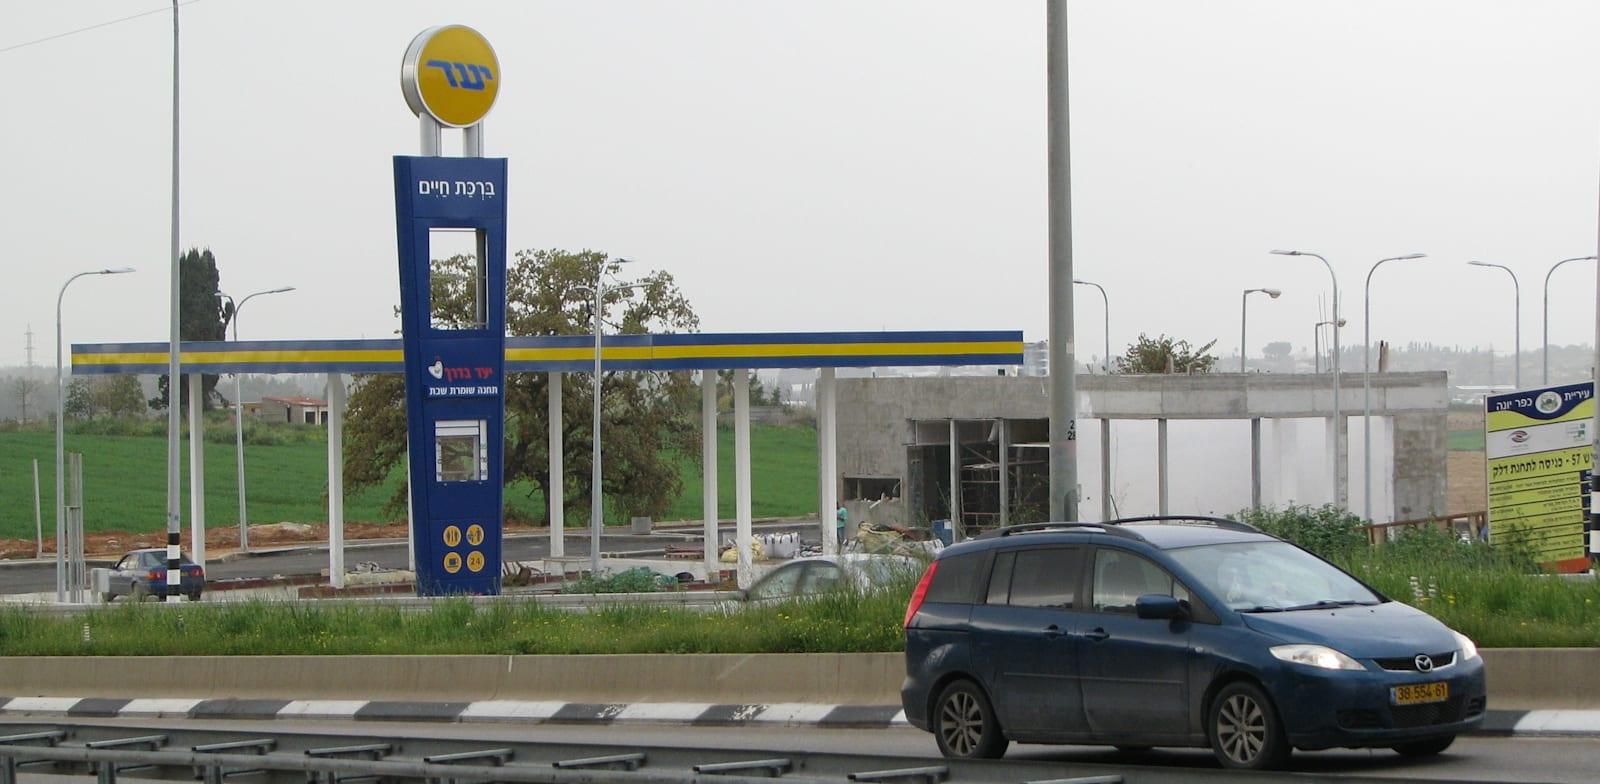 תחנת דלק יעד בכניסה לכפר יונה / צילום: תמונה פרטית